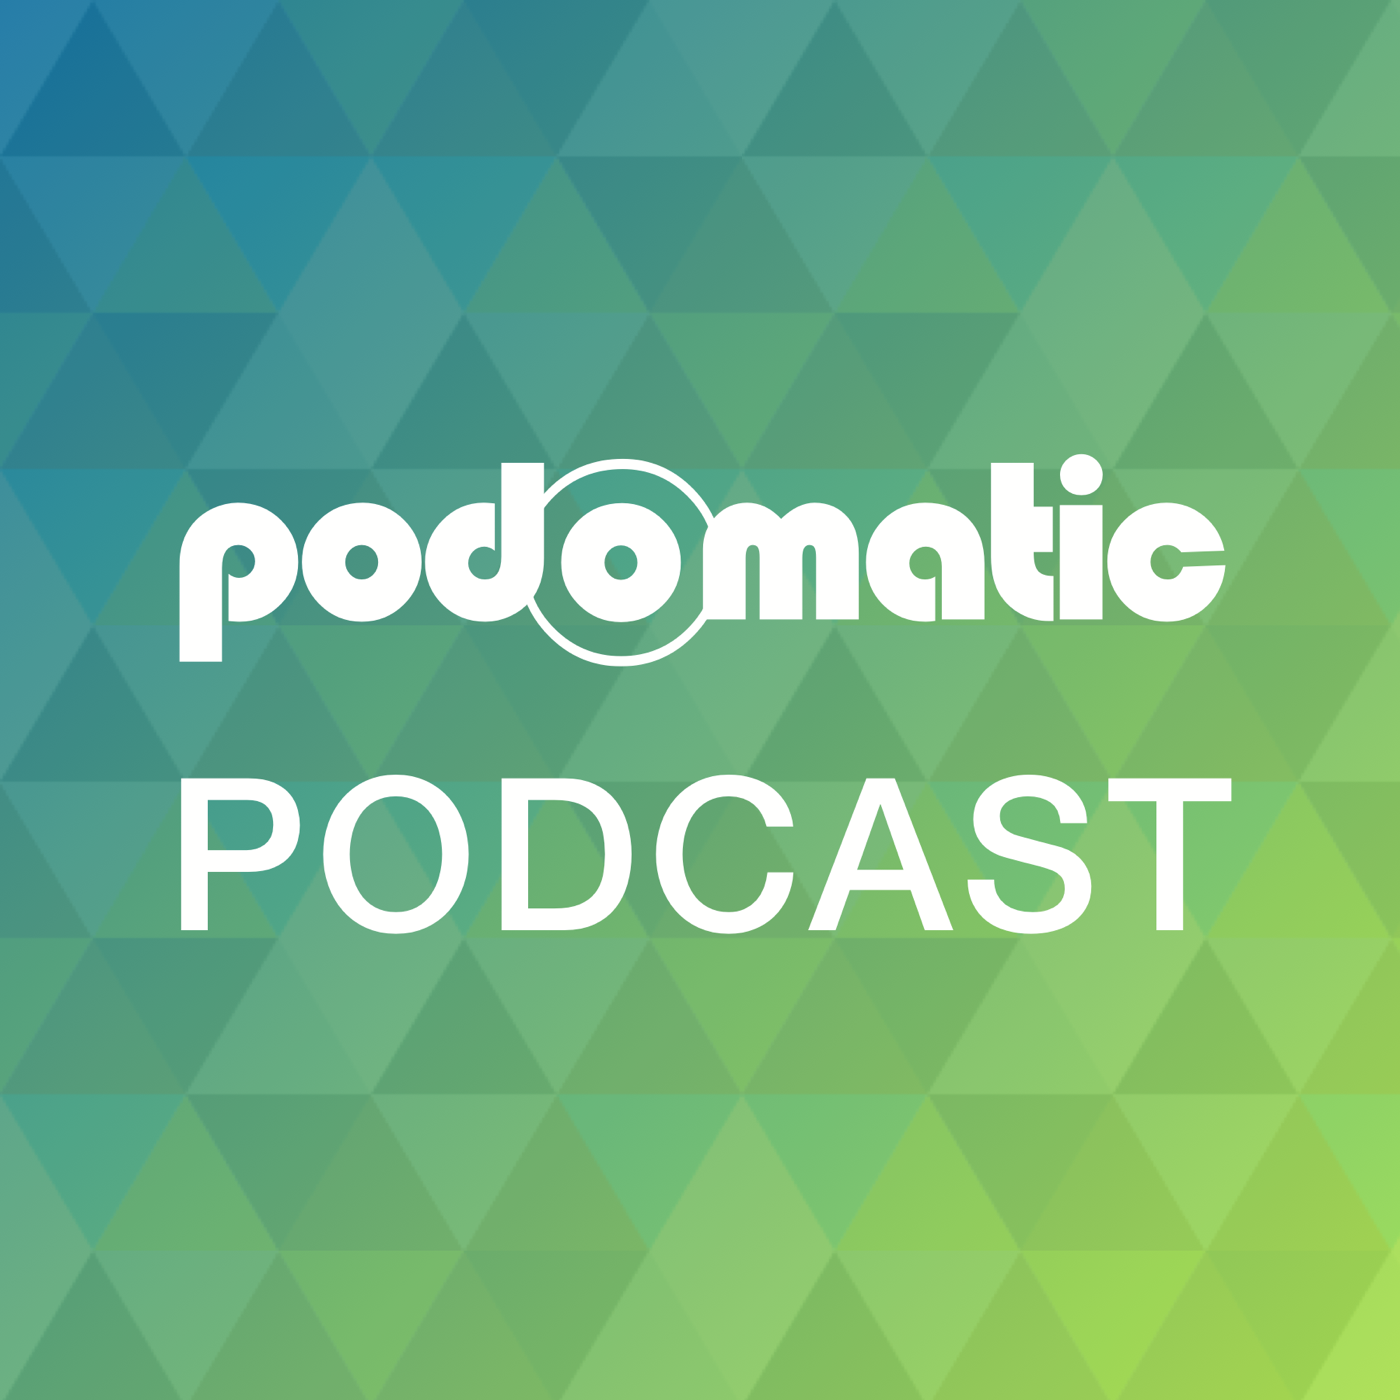 Bethany Church podcasts